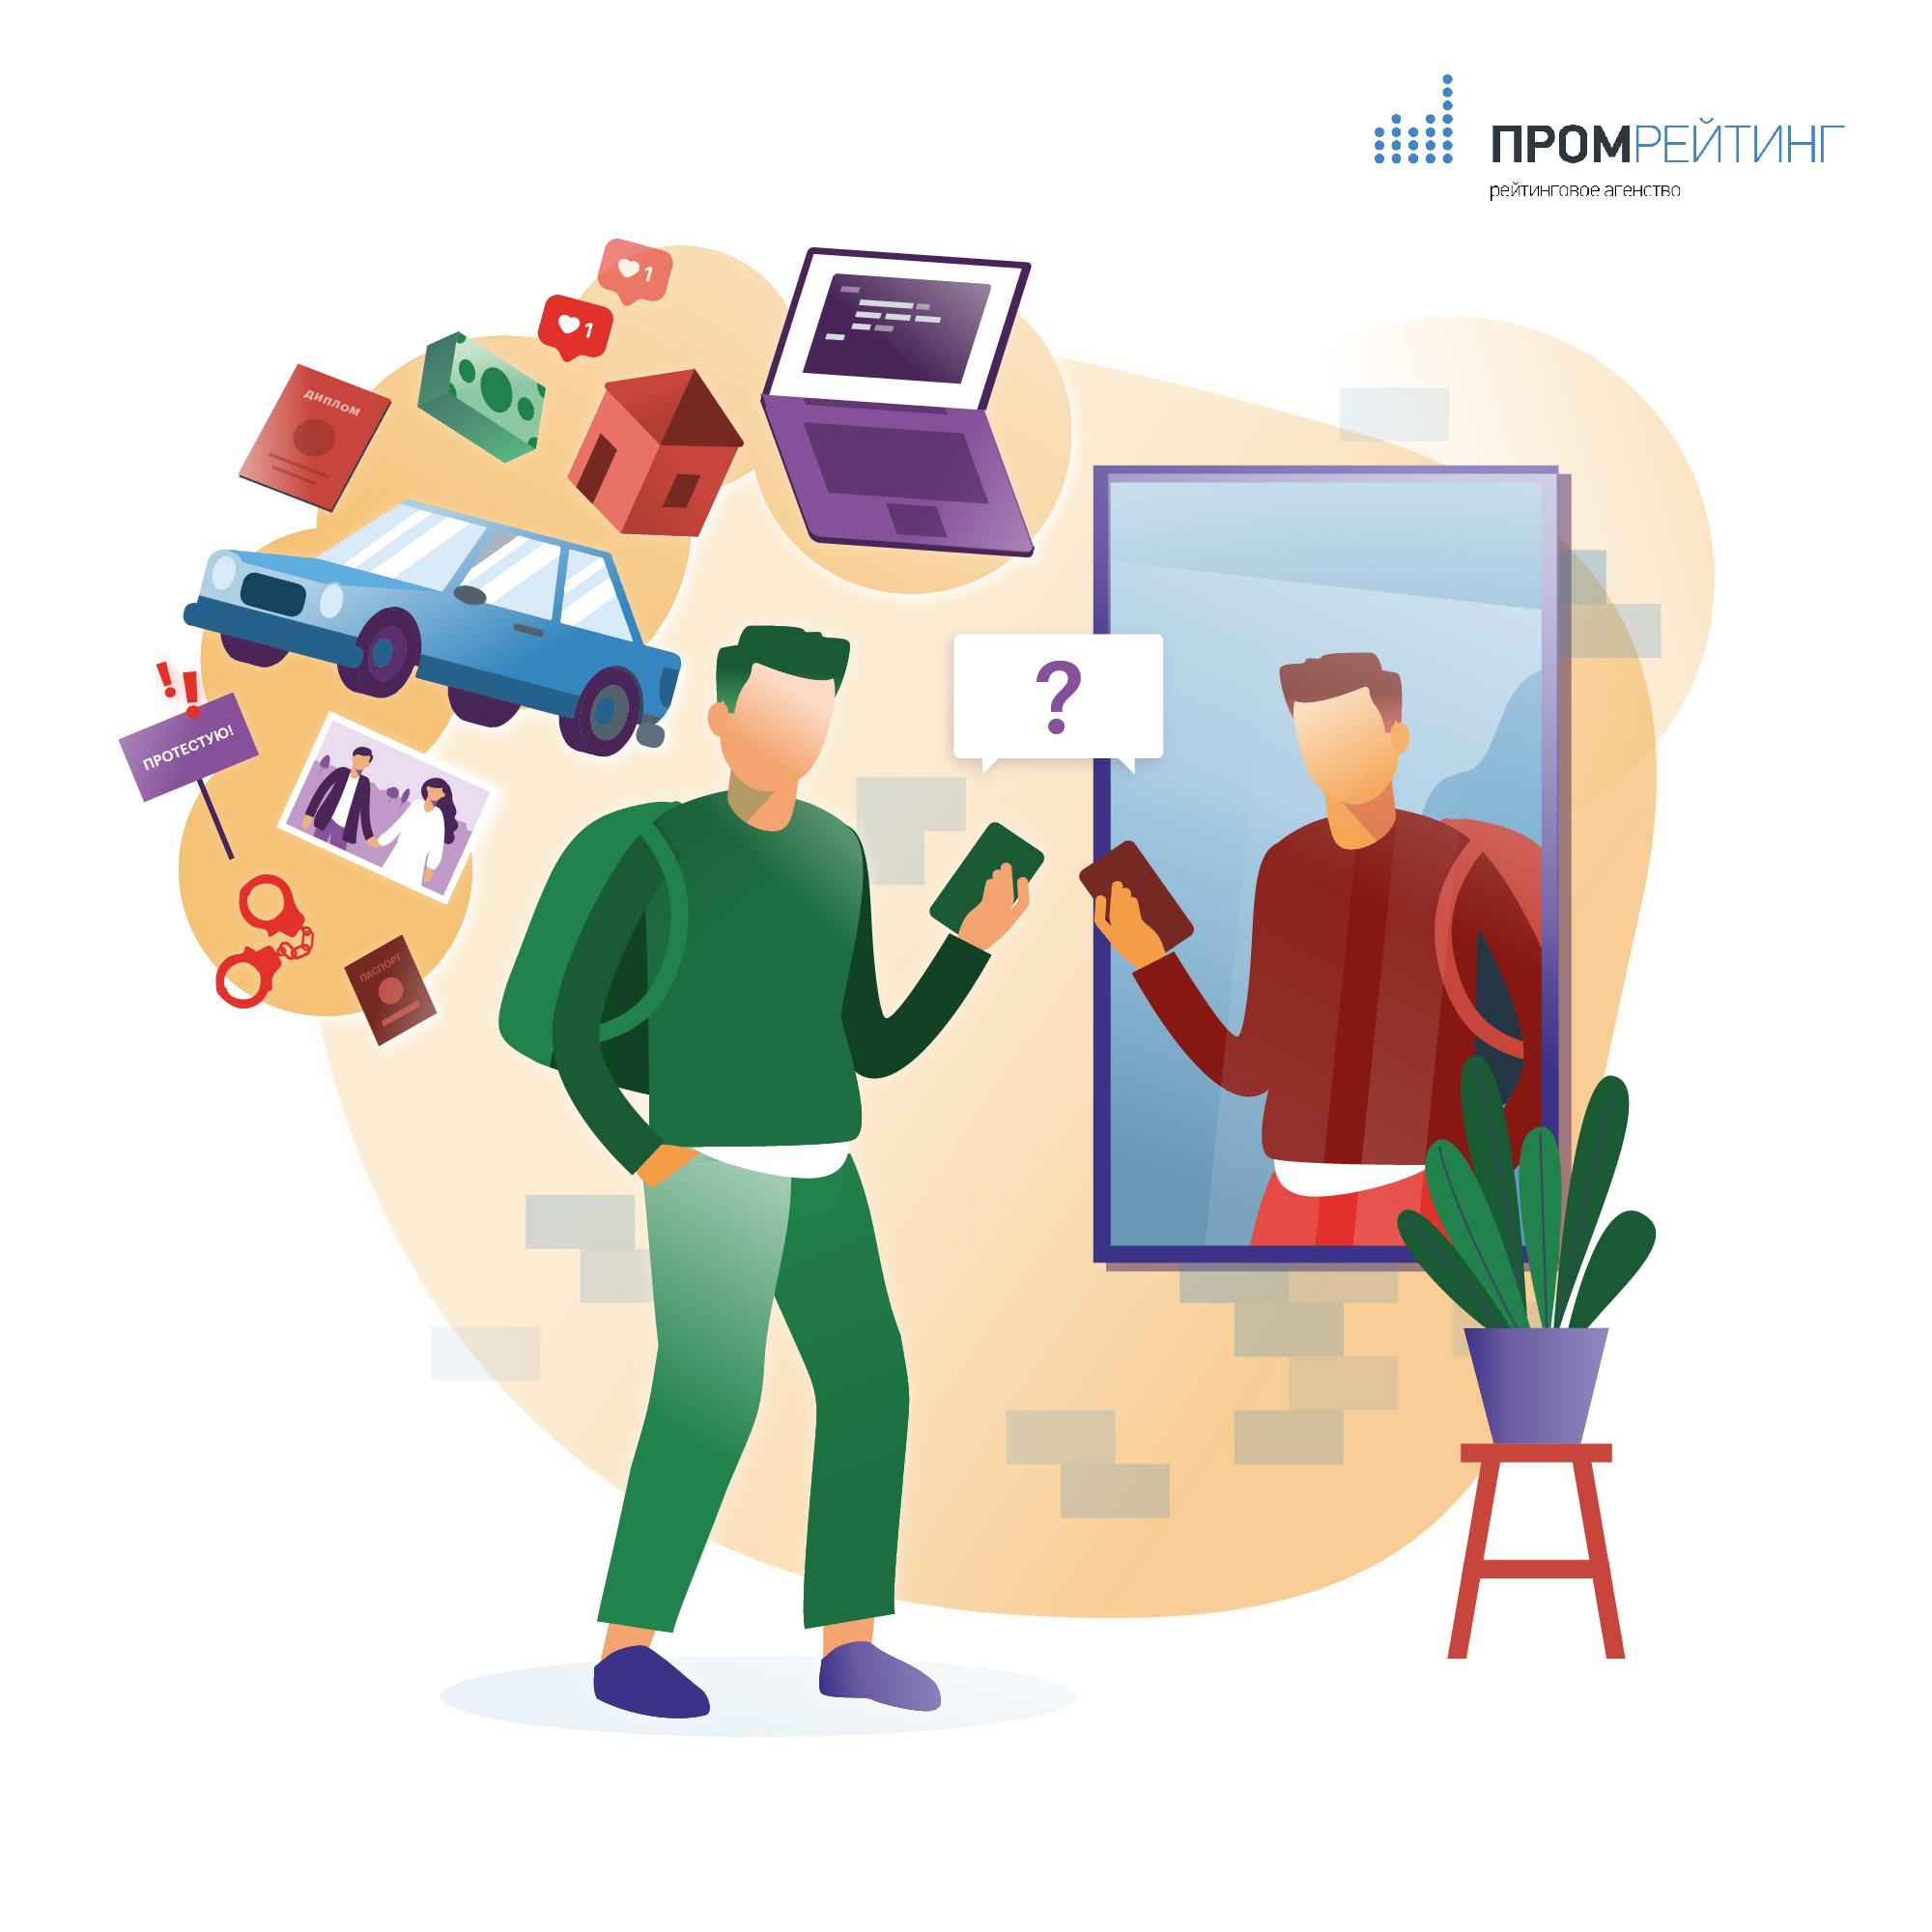 Молодежь Татарстана в Интернете. Исследование. Позитивные и негативные тренды